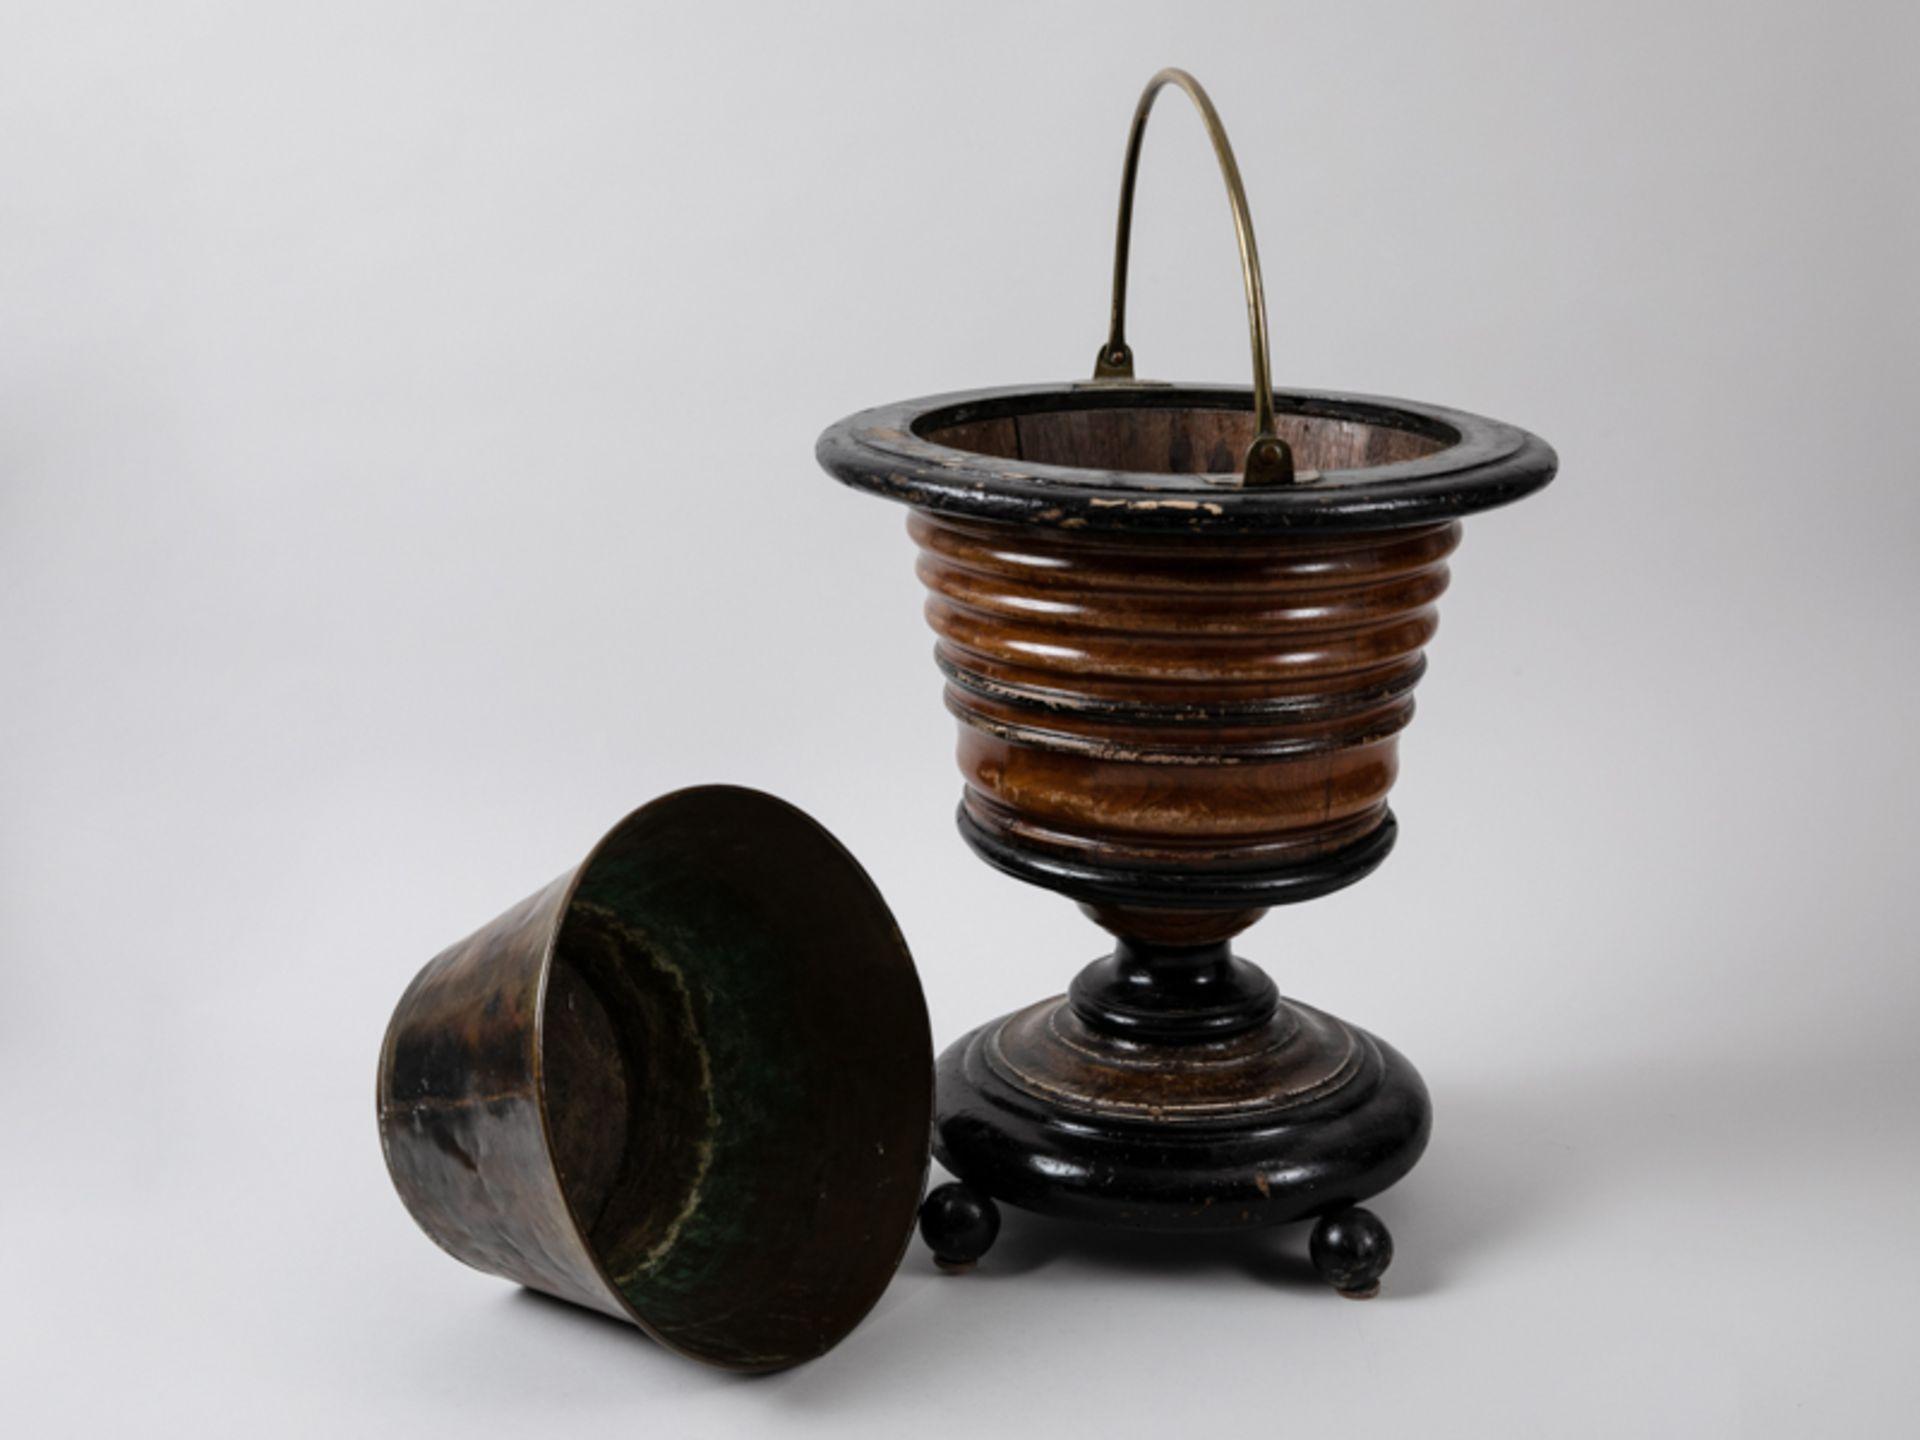 Weinkühler, England, Mitte 19. Jh. Mahagoni und andere Hölzer, teils (später) ebonisiert, mi - Bild 2 aus 3